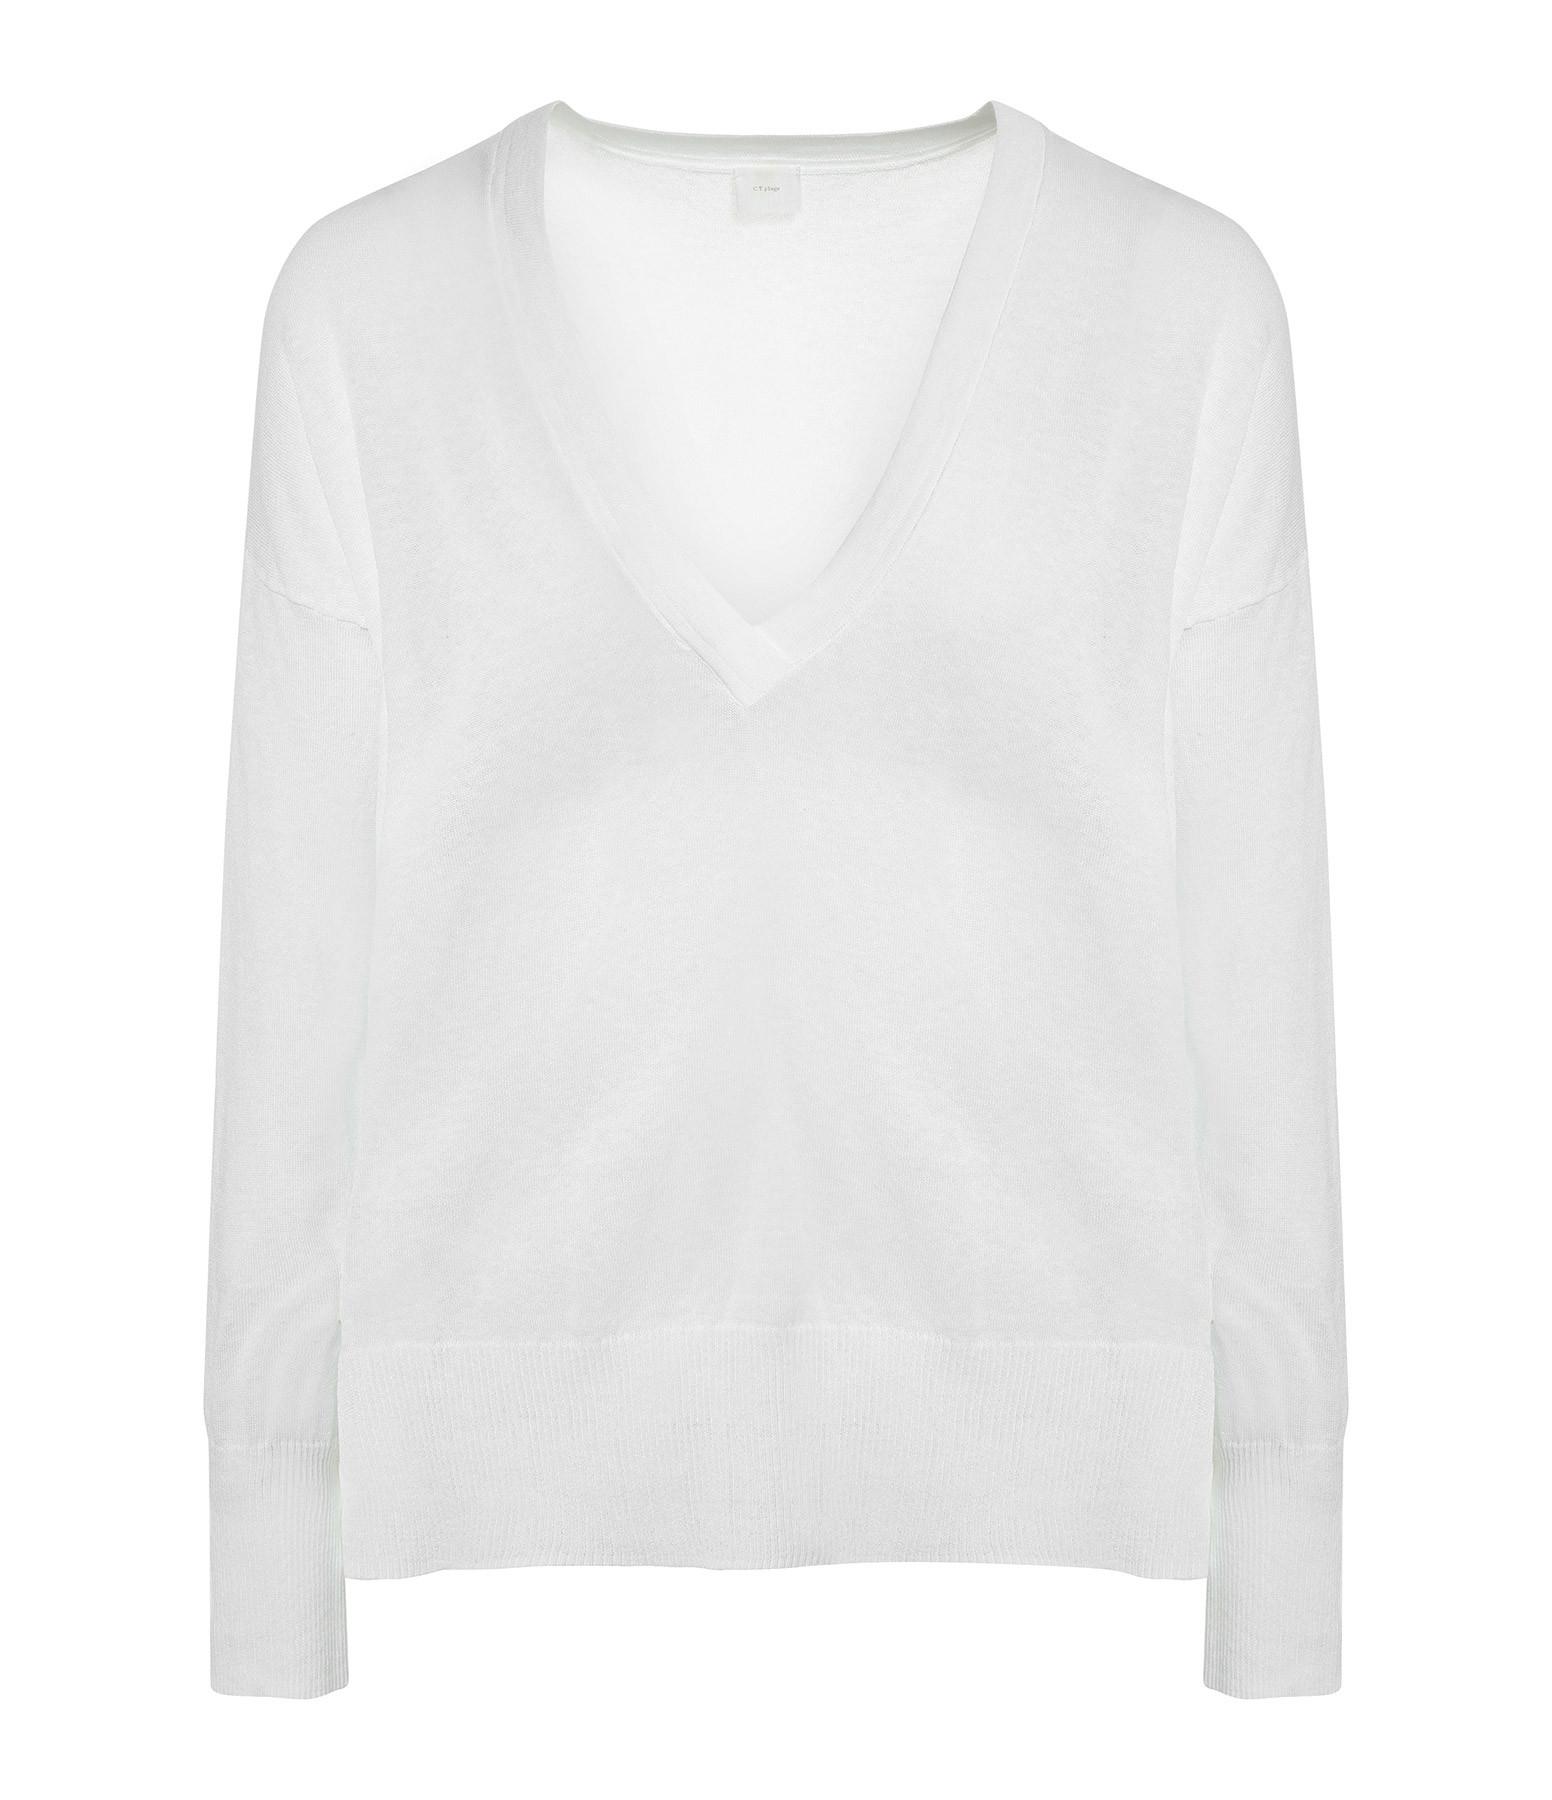 CT PLAGE - Pull Col V Coton Lin Blanc